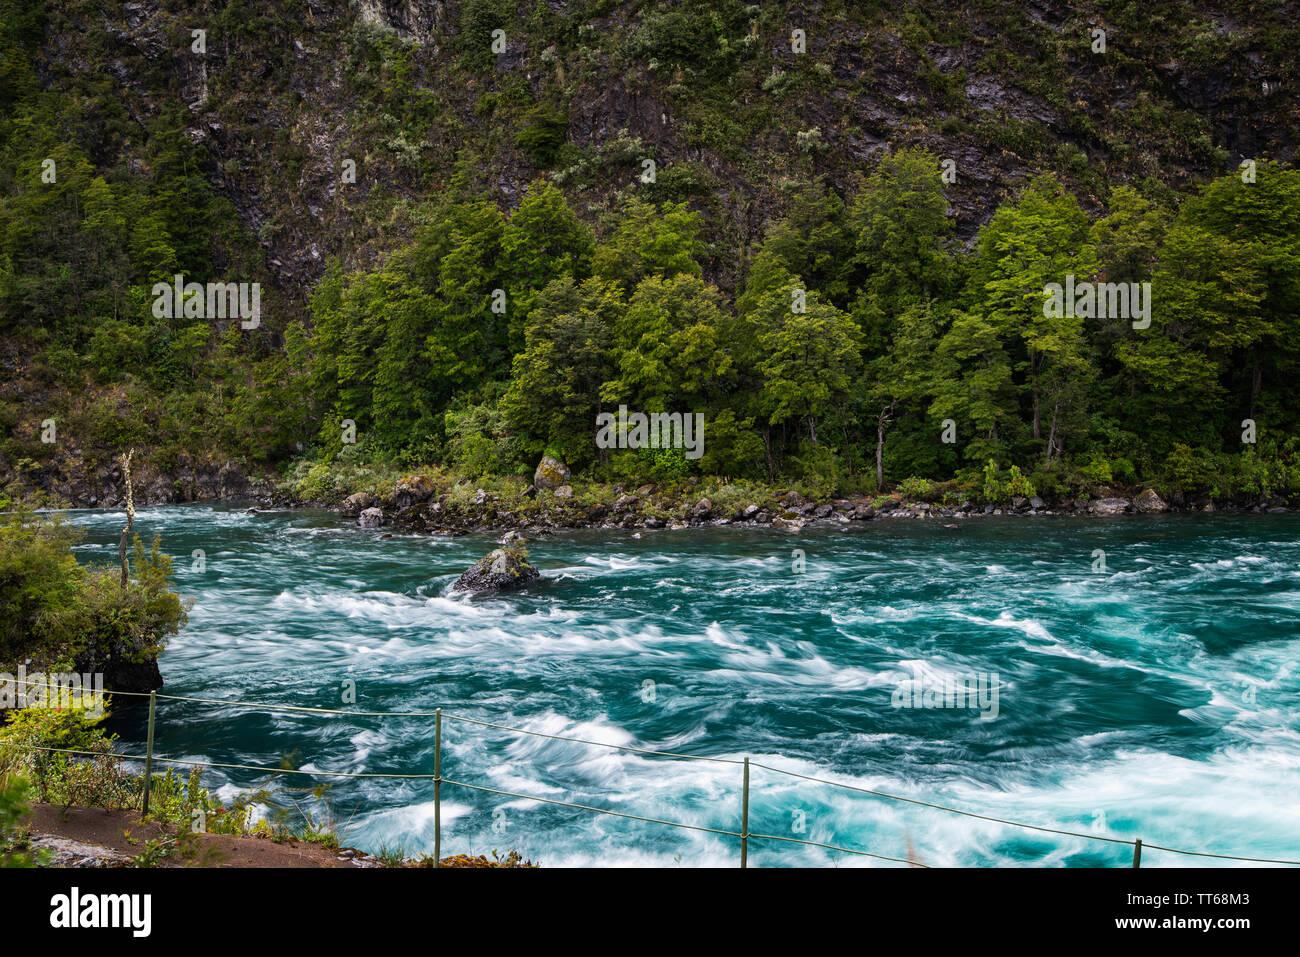 Les eaux turquoise de la rivière Petrohue dans la Patagonie de la Cordillère des Andes, au Chili; à son origine sont les chutes de Petrohue. Banque D'Images